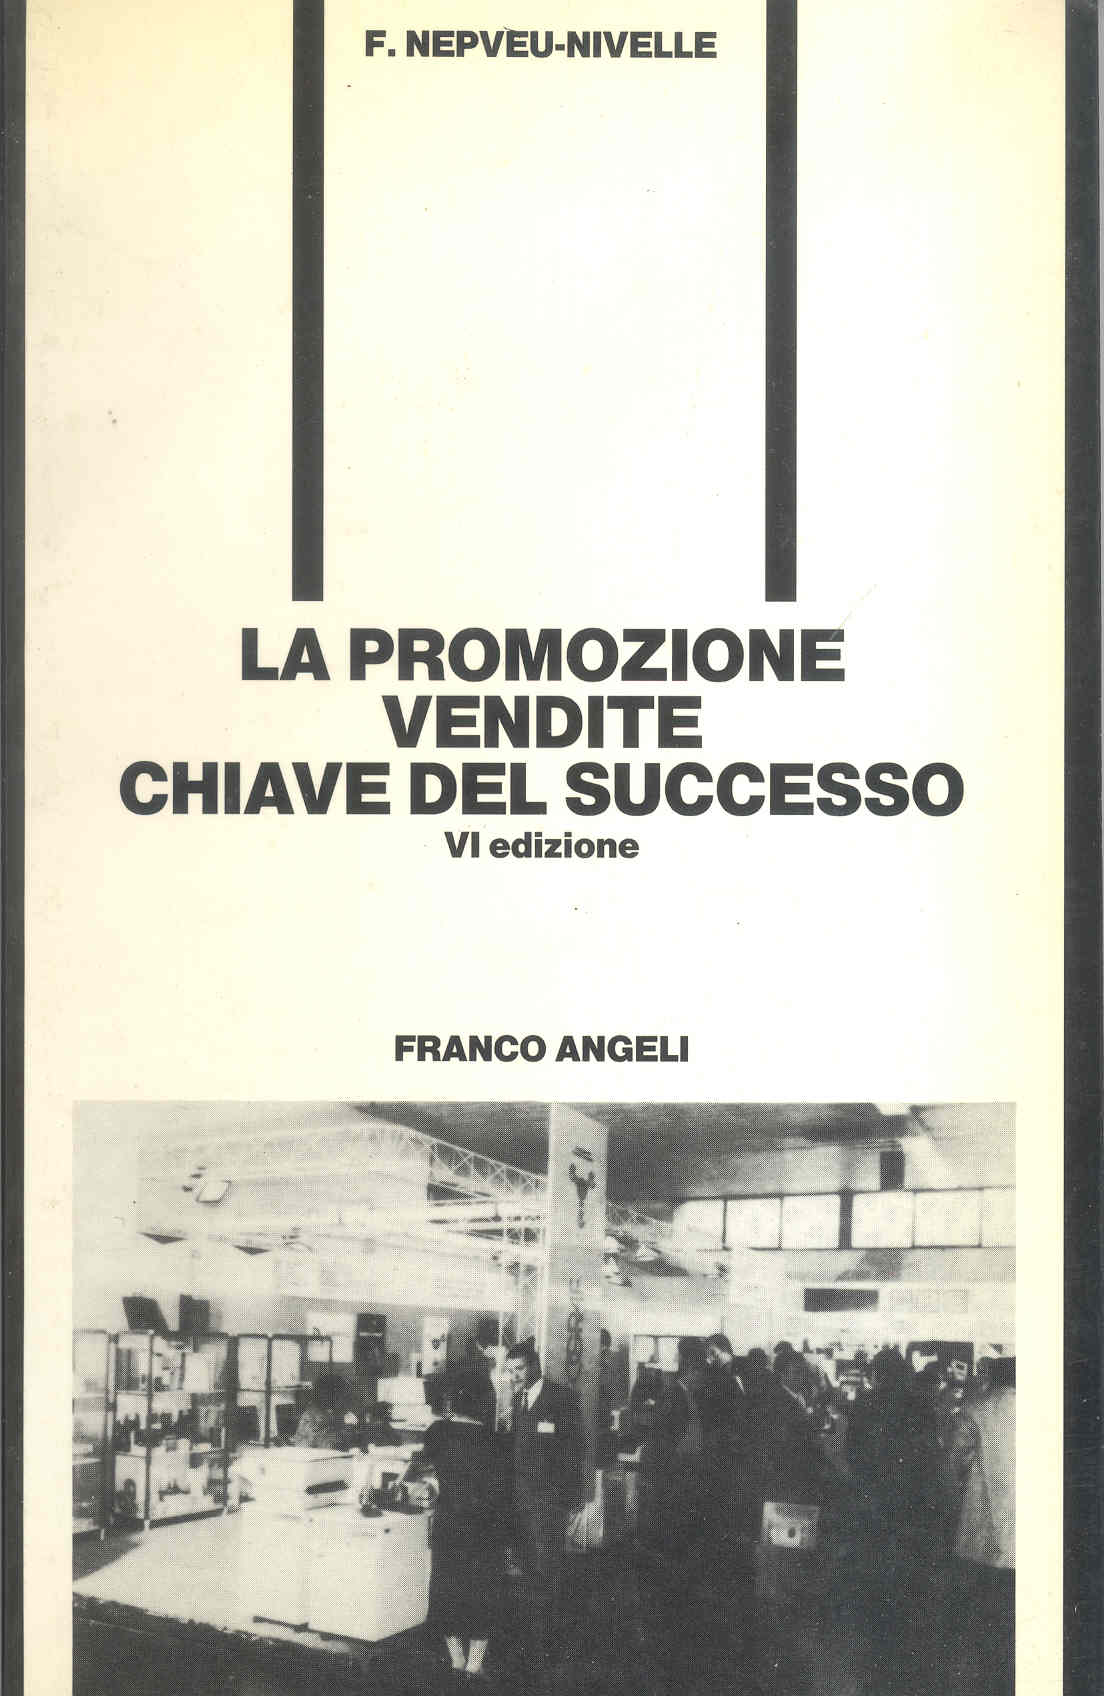 La promozione vendite chiave del successo